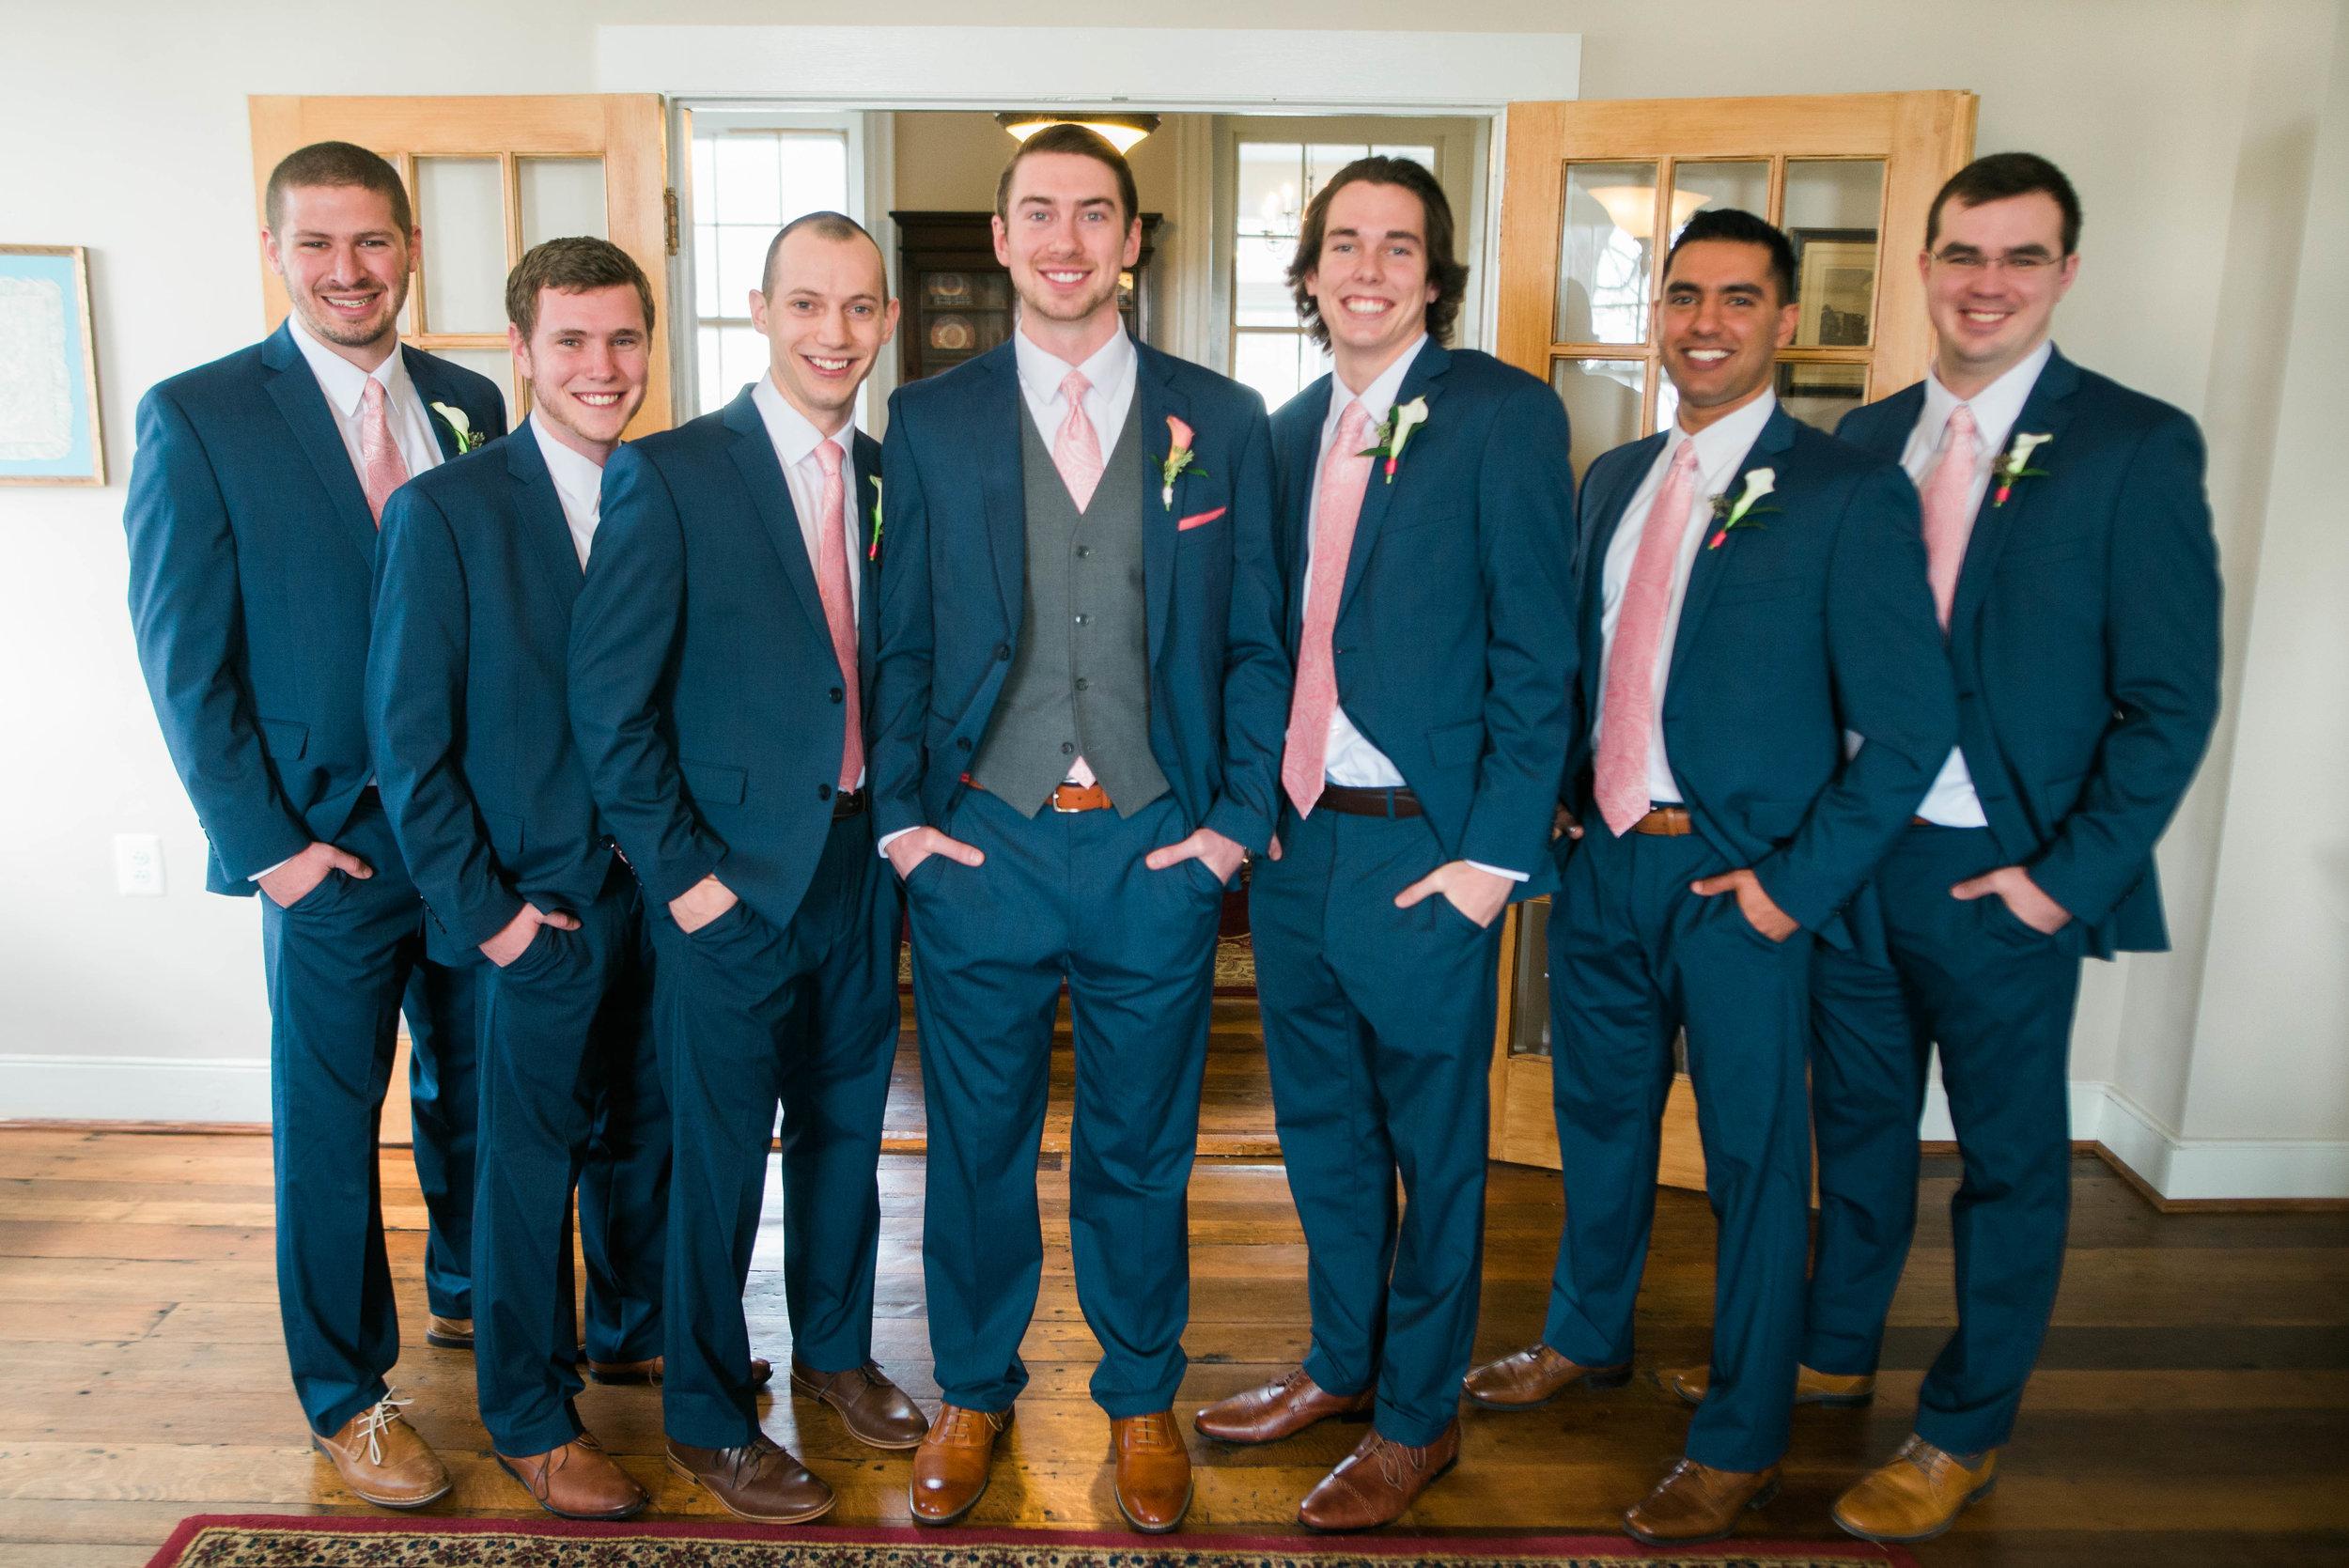 groomsmen-11.jpg